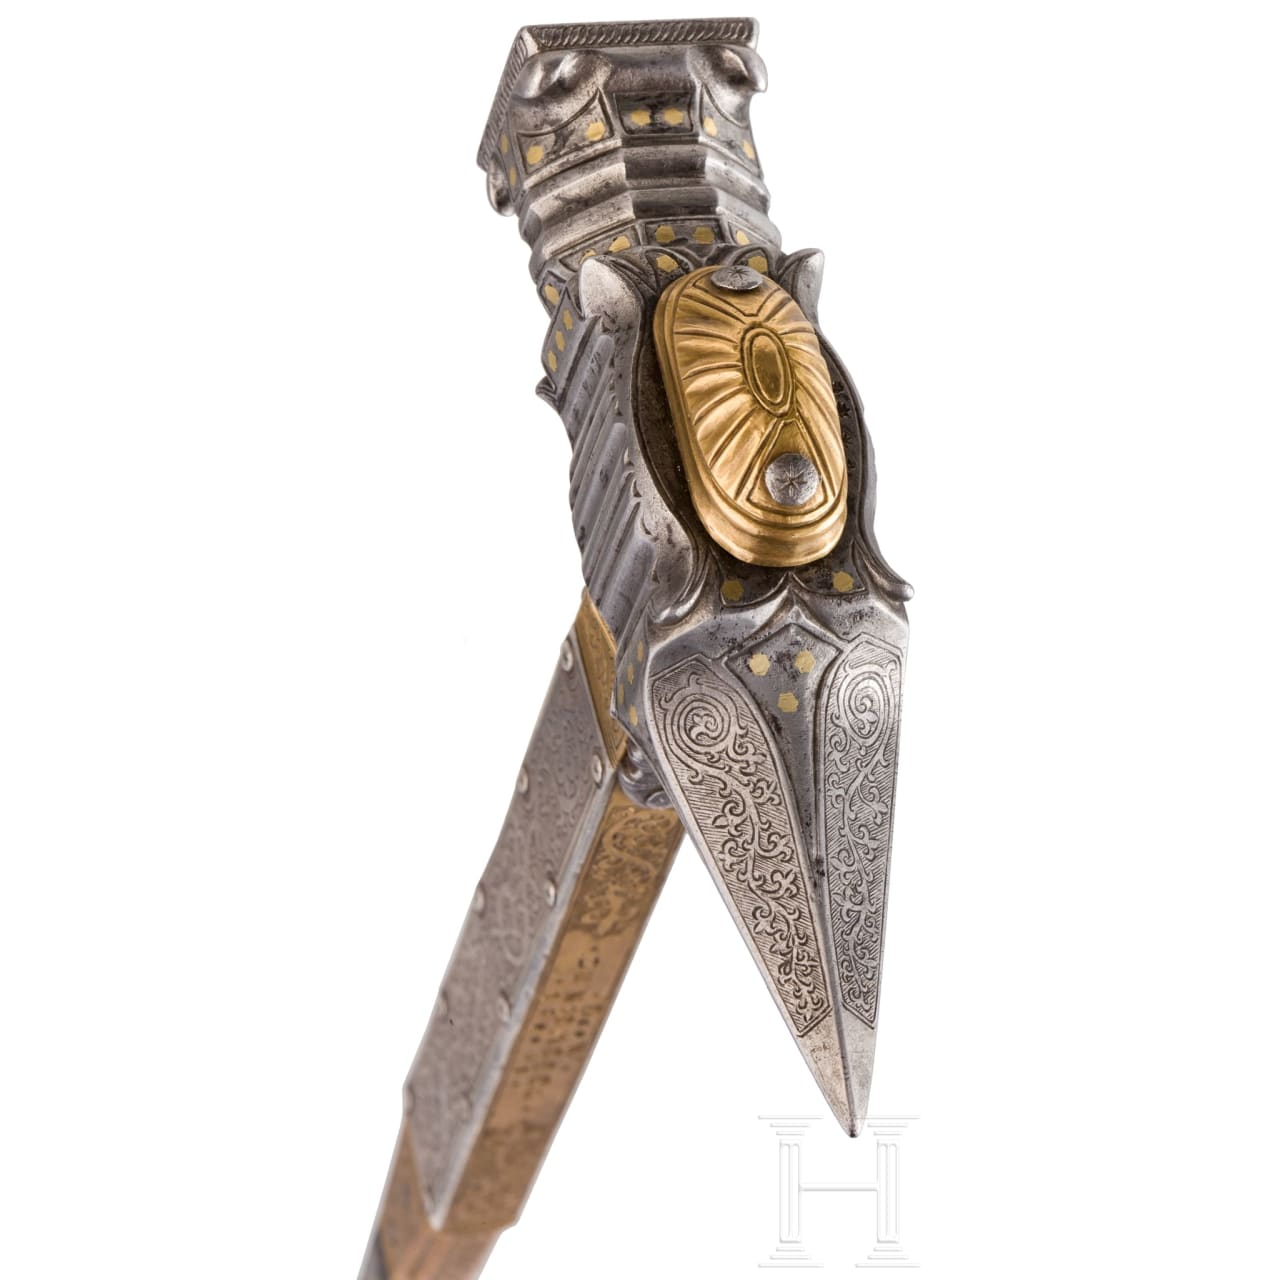 A Nuremberg ceremonial war hammer, dated 1581